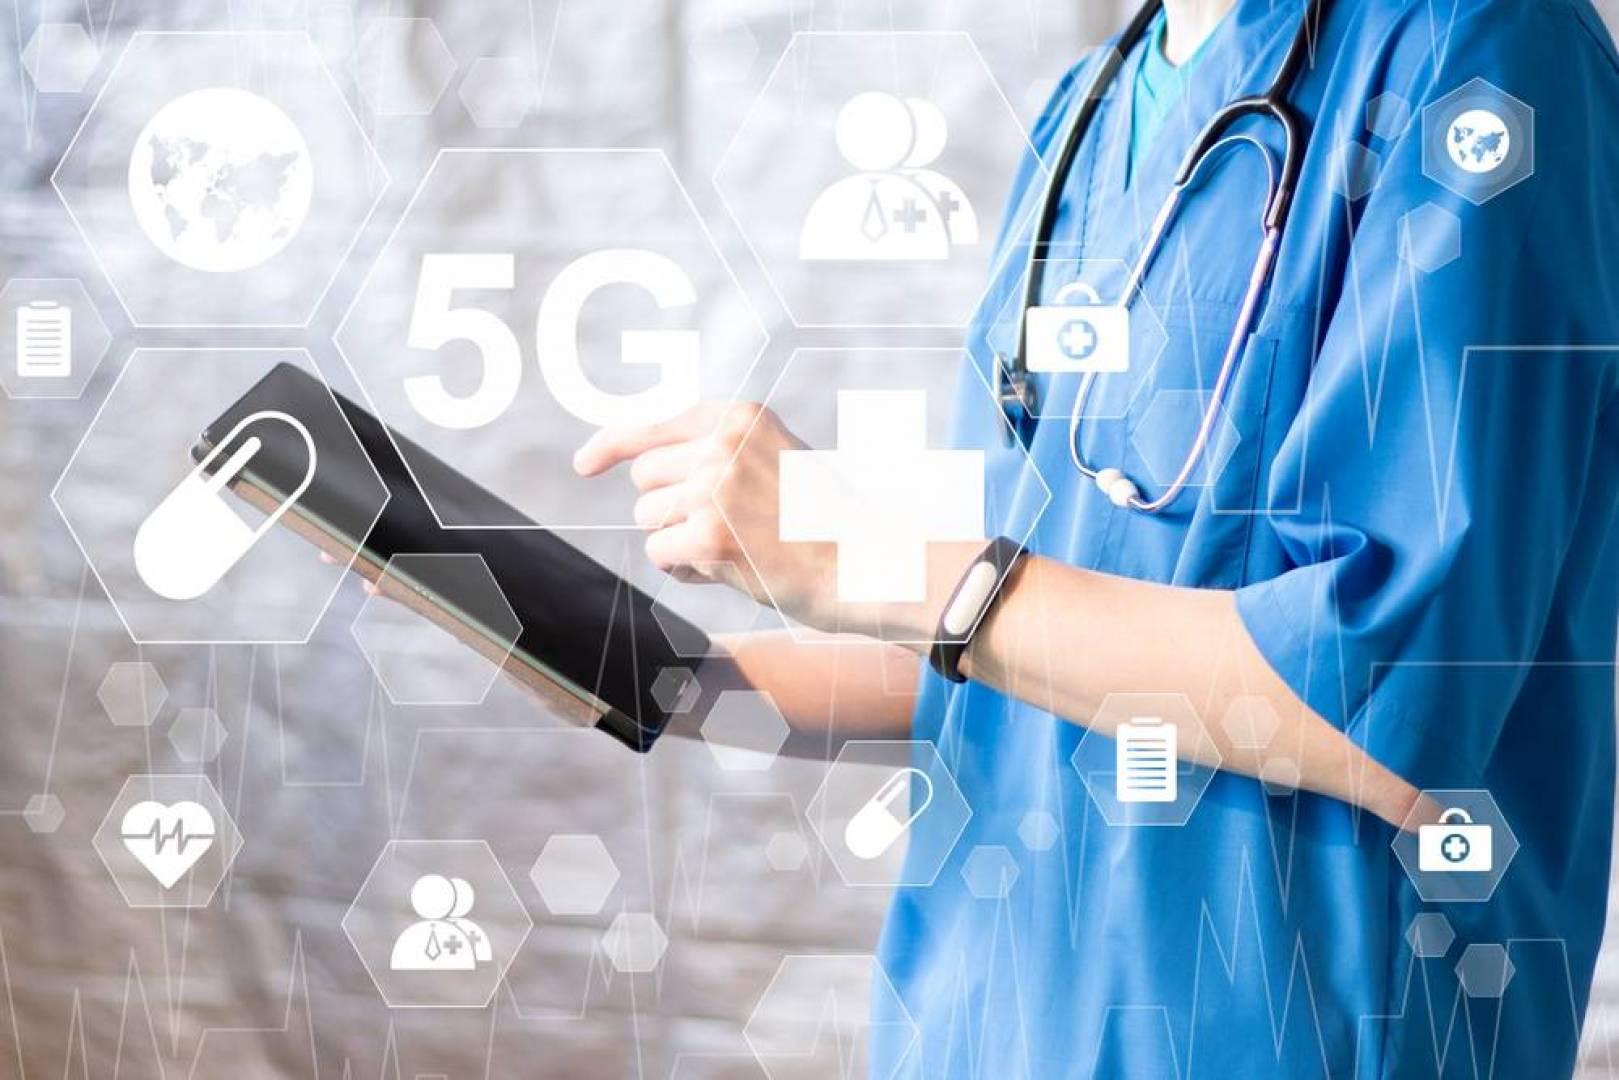 ديلي ميل: شبكات «5G» آمنة.. ولا تشكل خطرا صحيا